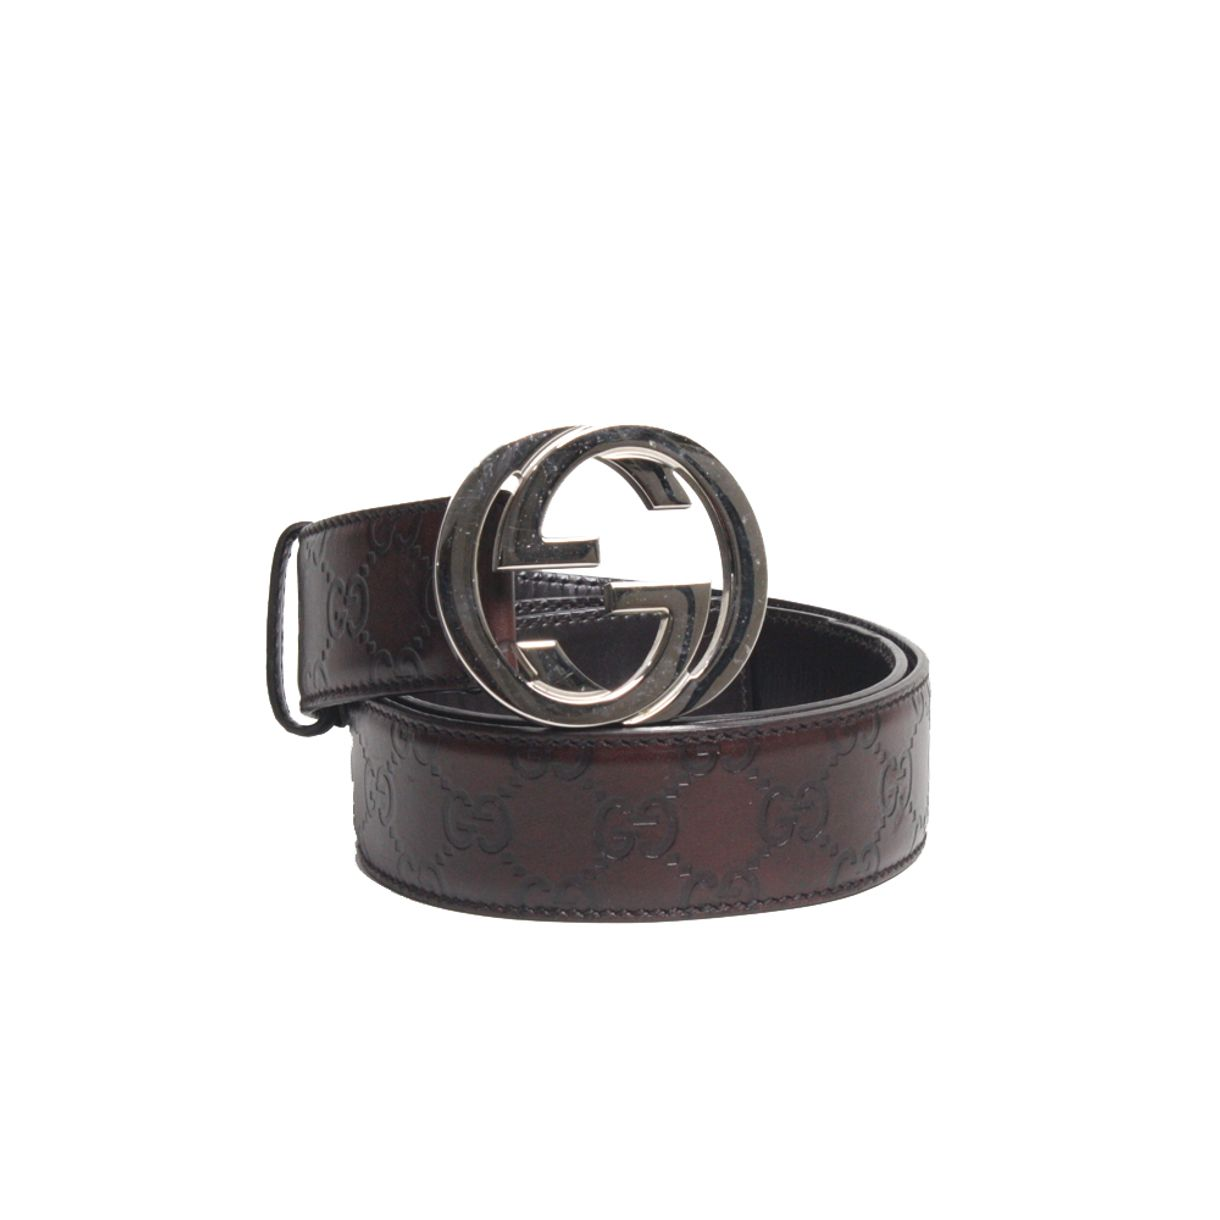 Cinto-Gucci-Guccissima-Leather